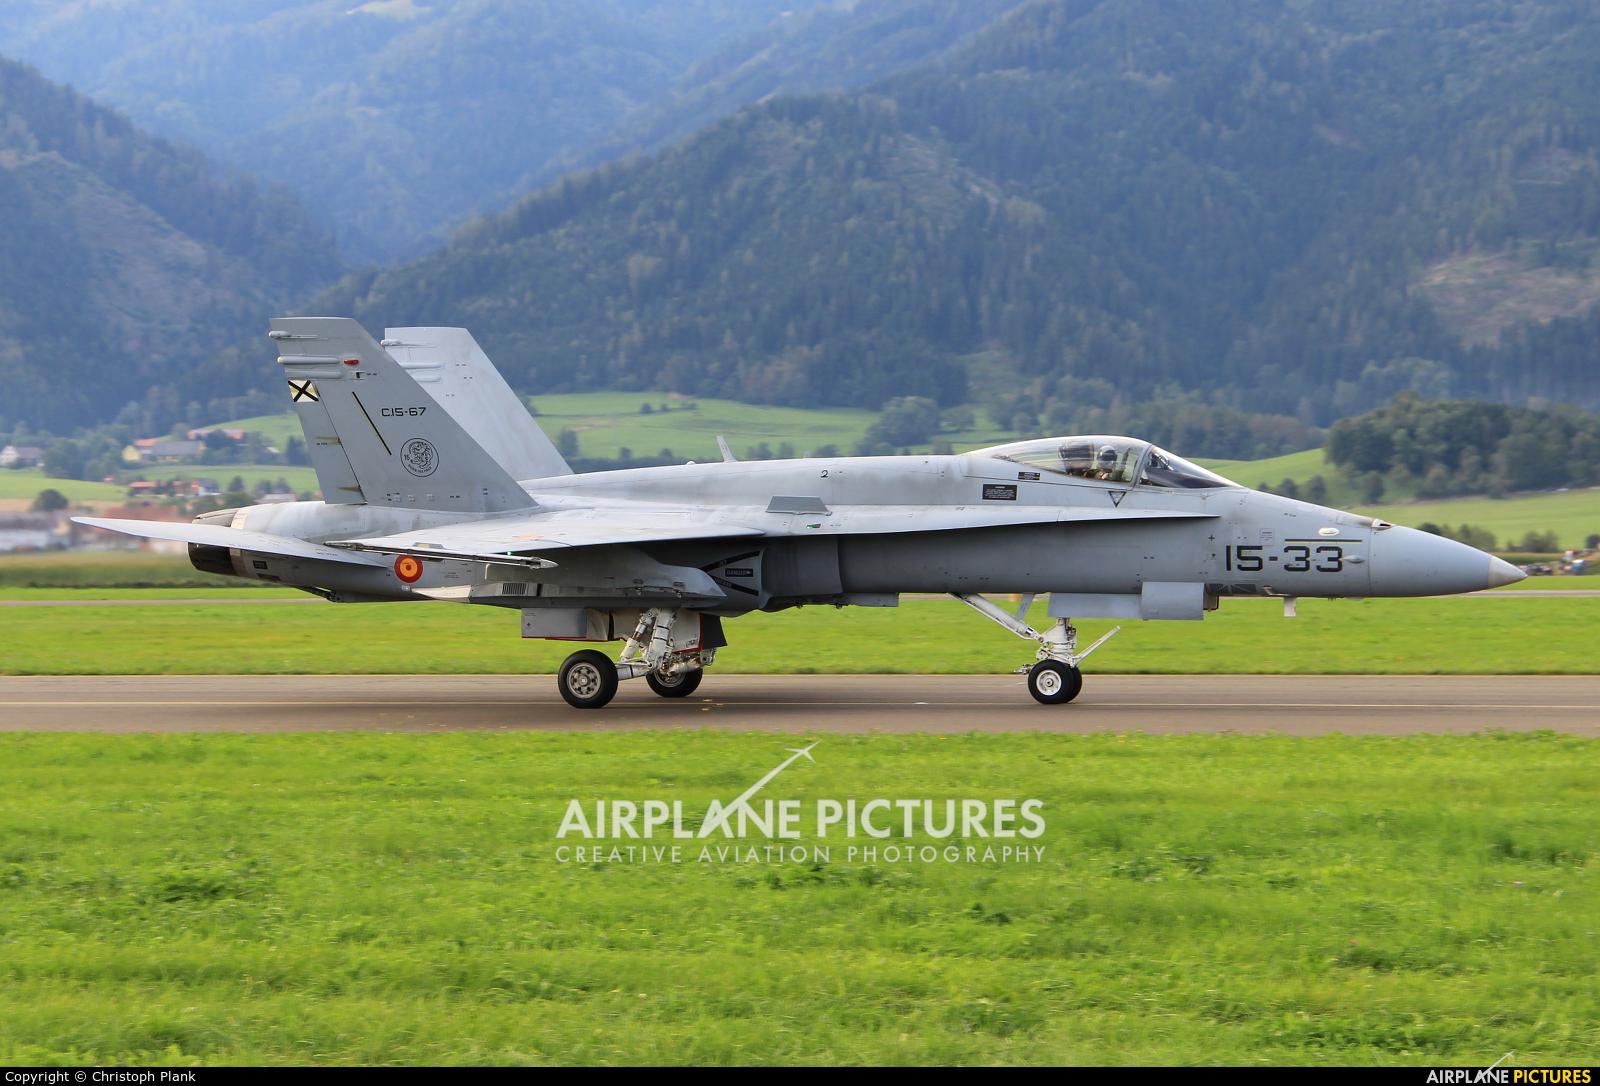 Spain - Air Force 15-33 aircraft at Zeltweg